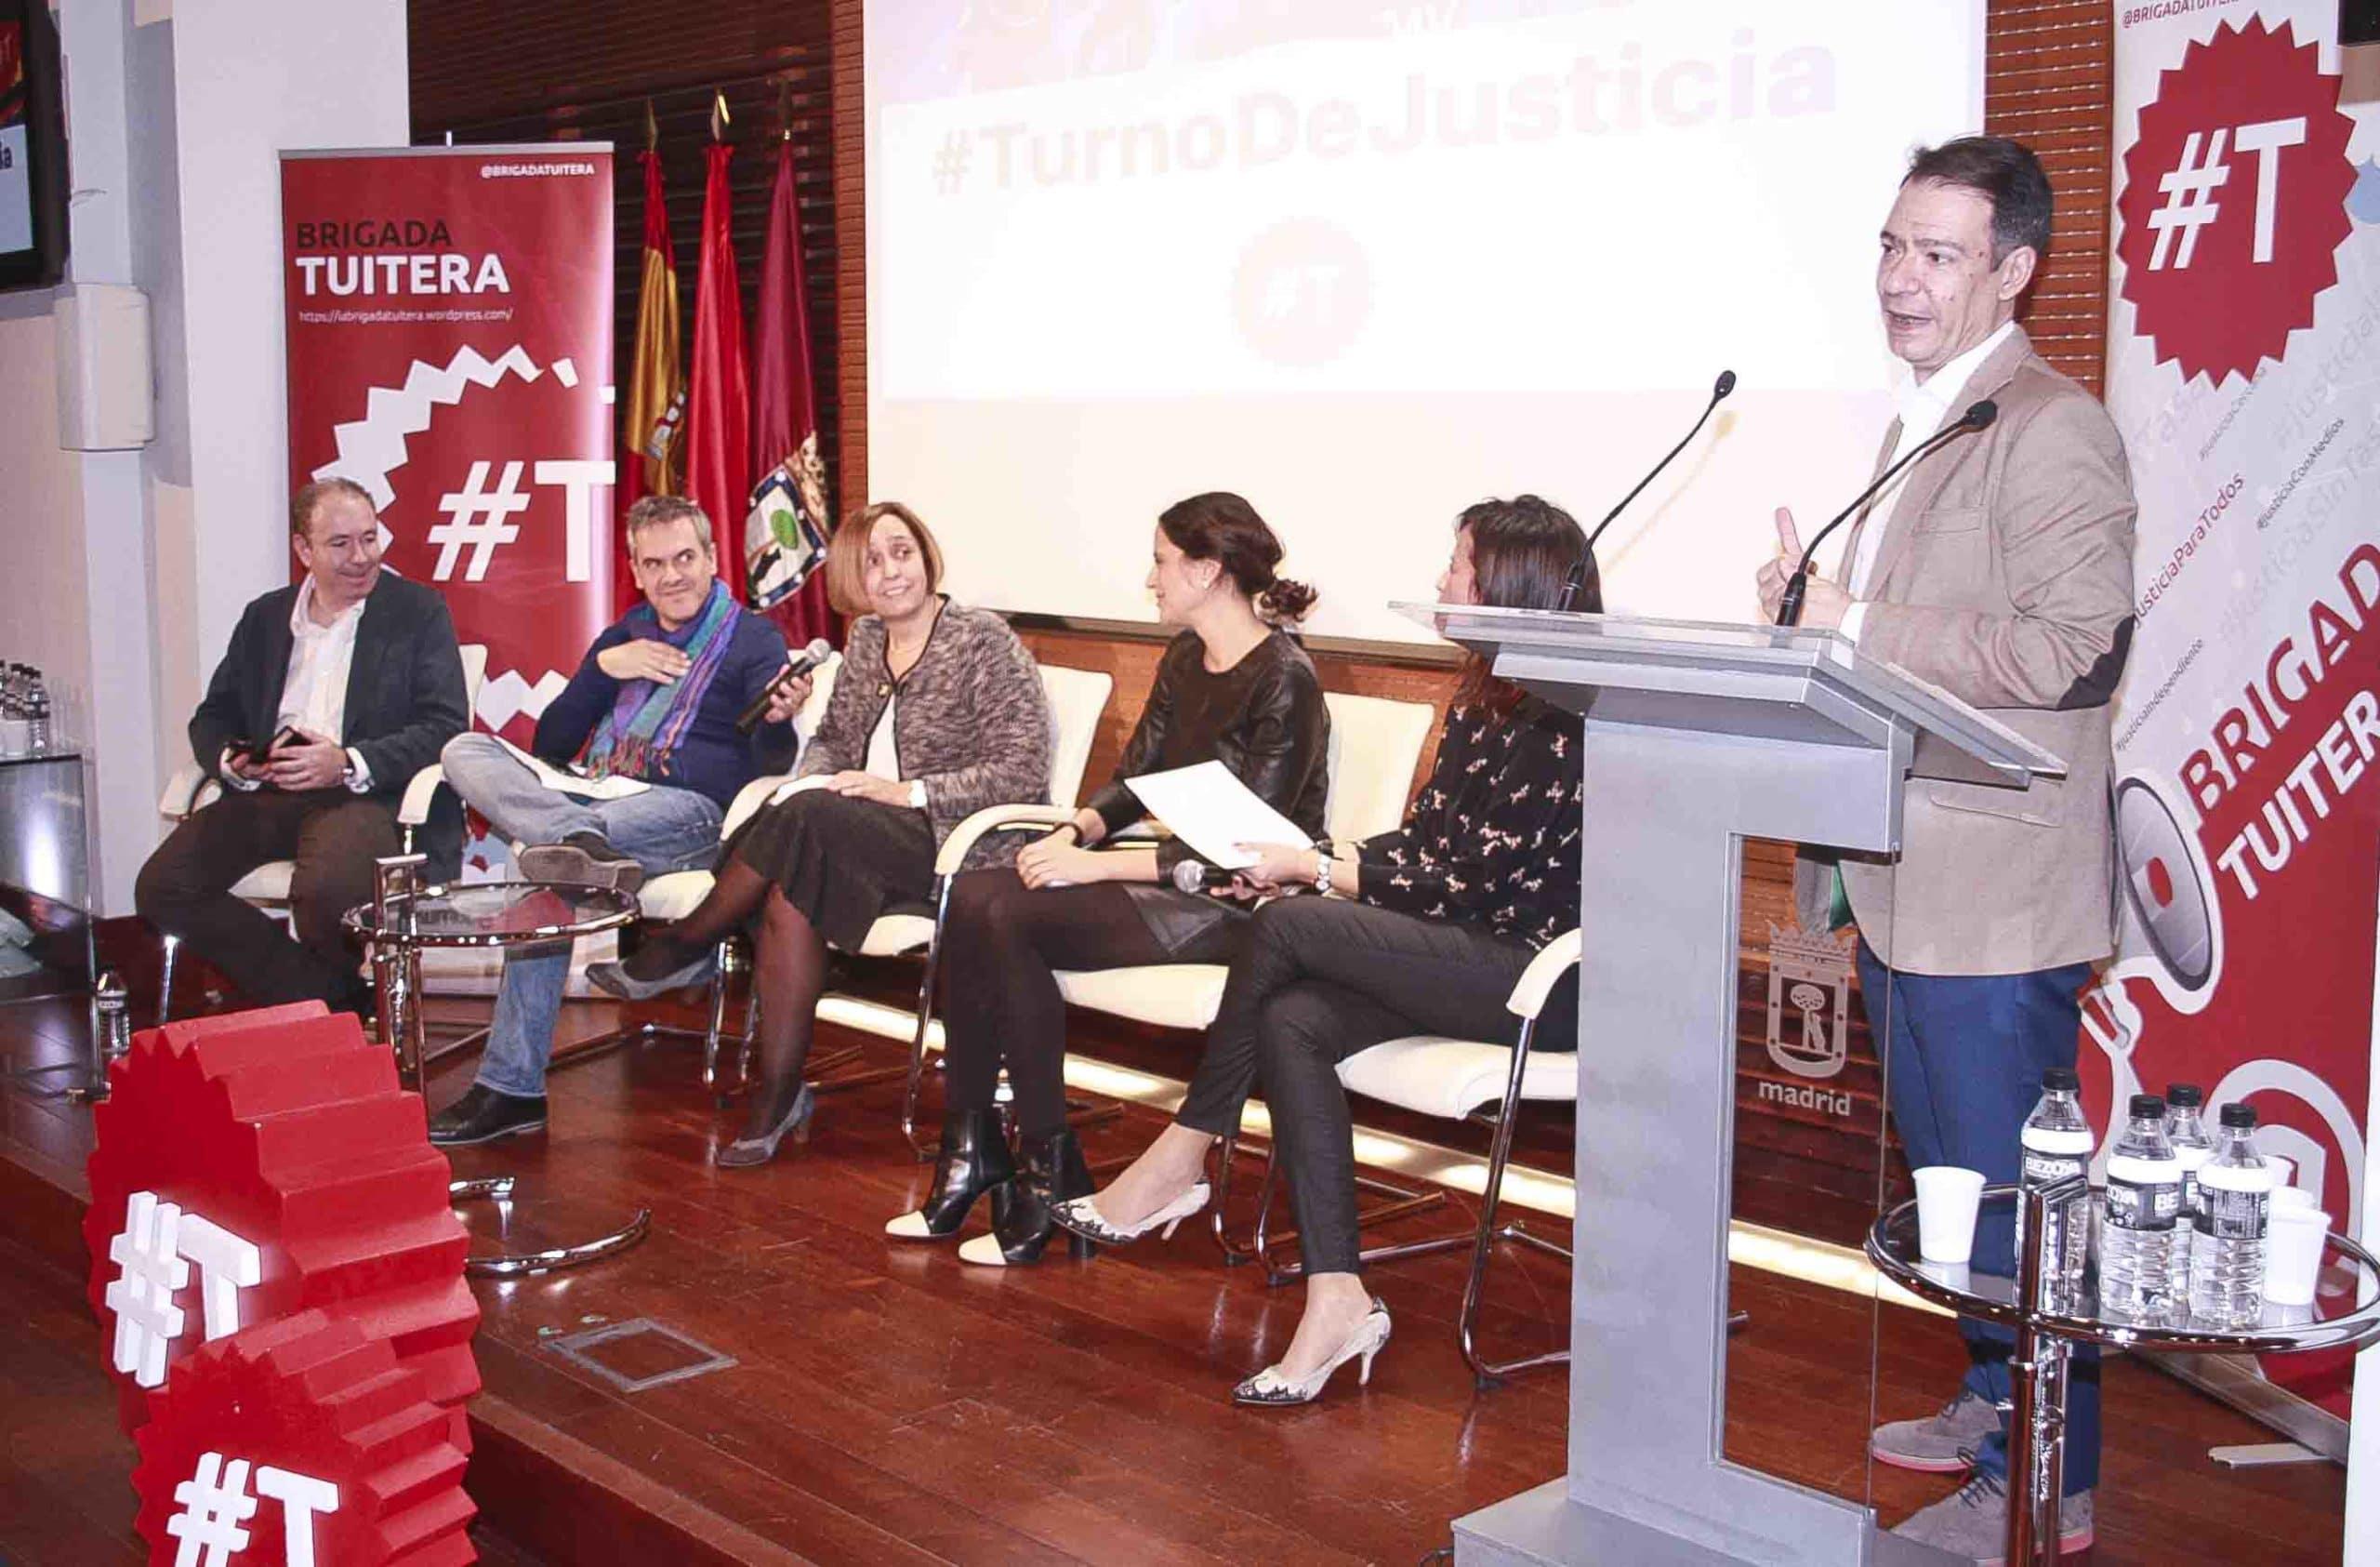 Ángel López, Alfredo Herranza, Verónica del Carpio, Ana Garnelo, Virginia Mate y Rafael Cobos. Confilegal.